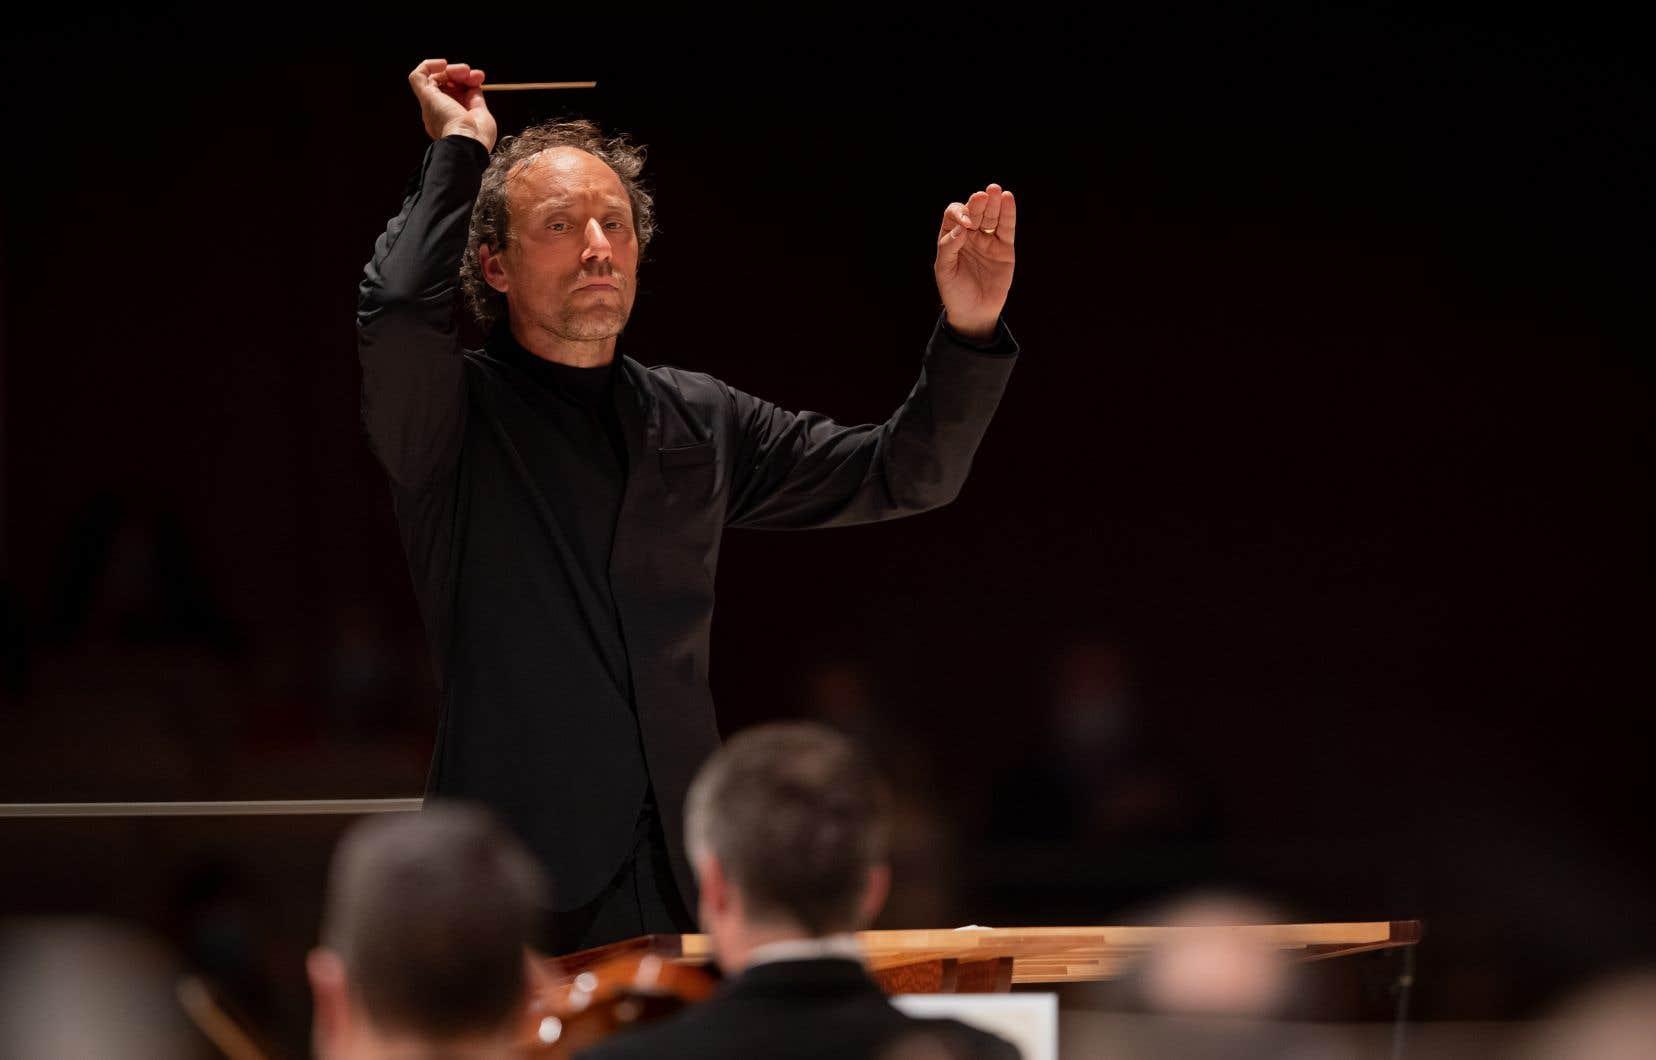 Otto Tausk est un chef néerlandais, directeur musical de l'Orchestre symphonique de Vancouver.